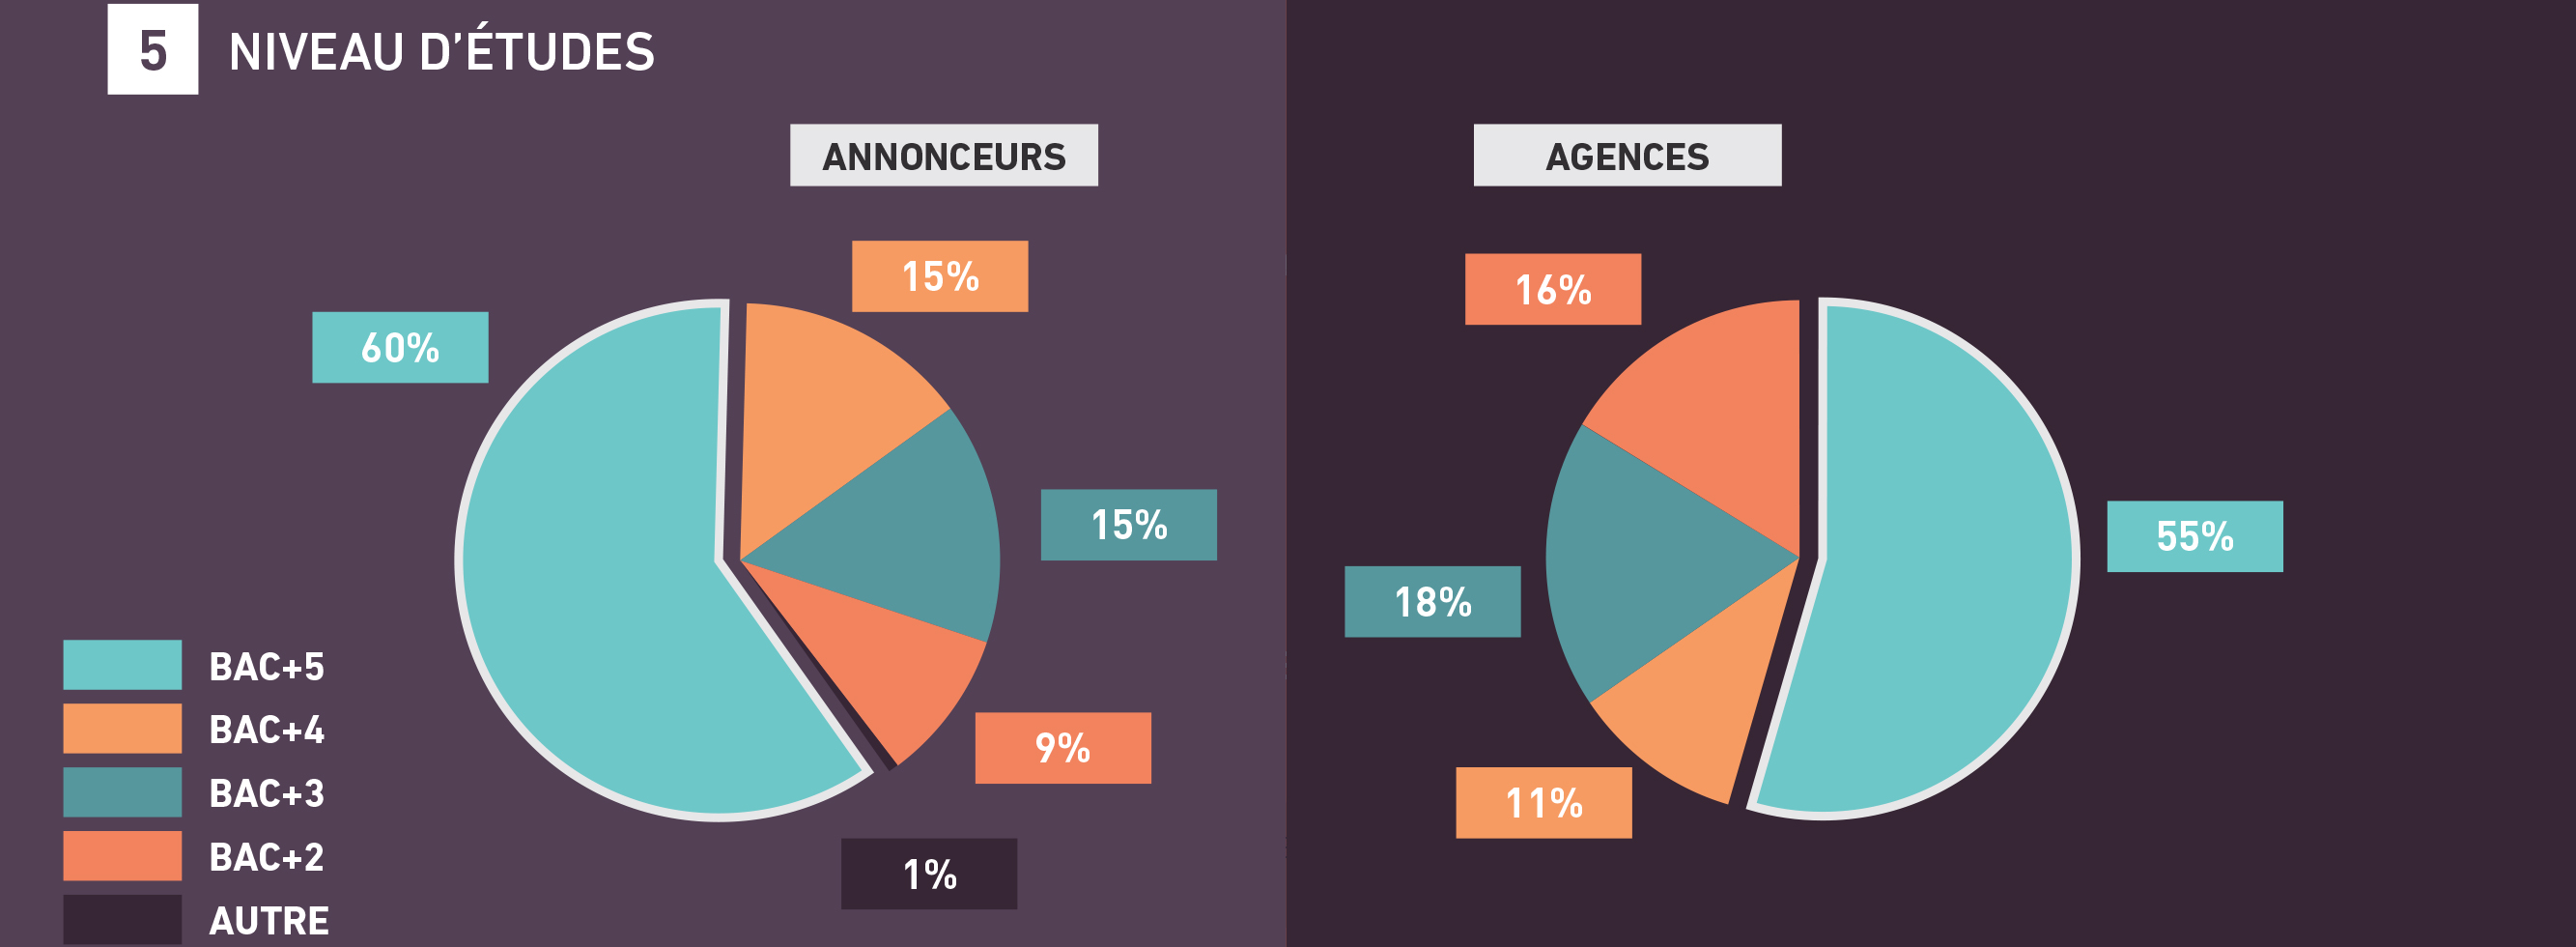 tendances-emploi-publicite-agences-annonceurs-barometre-metiers-communication-2018-sup-de-com-niveau-etudes